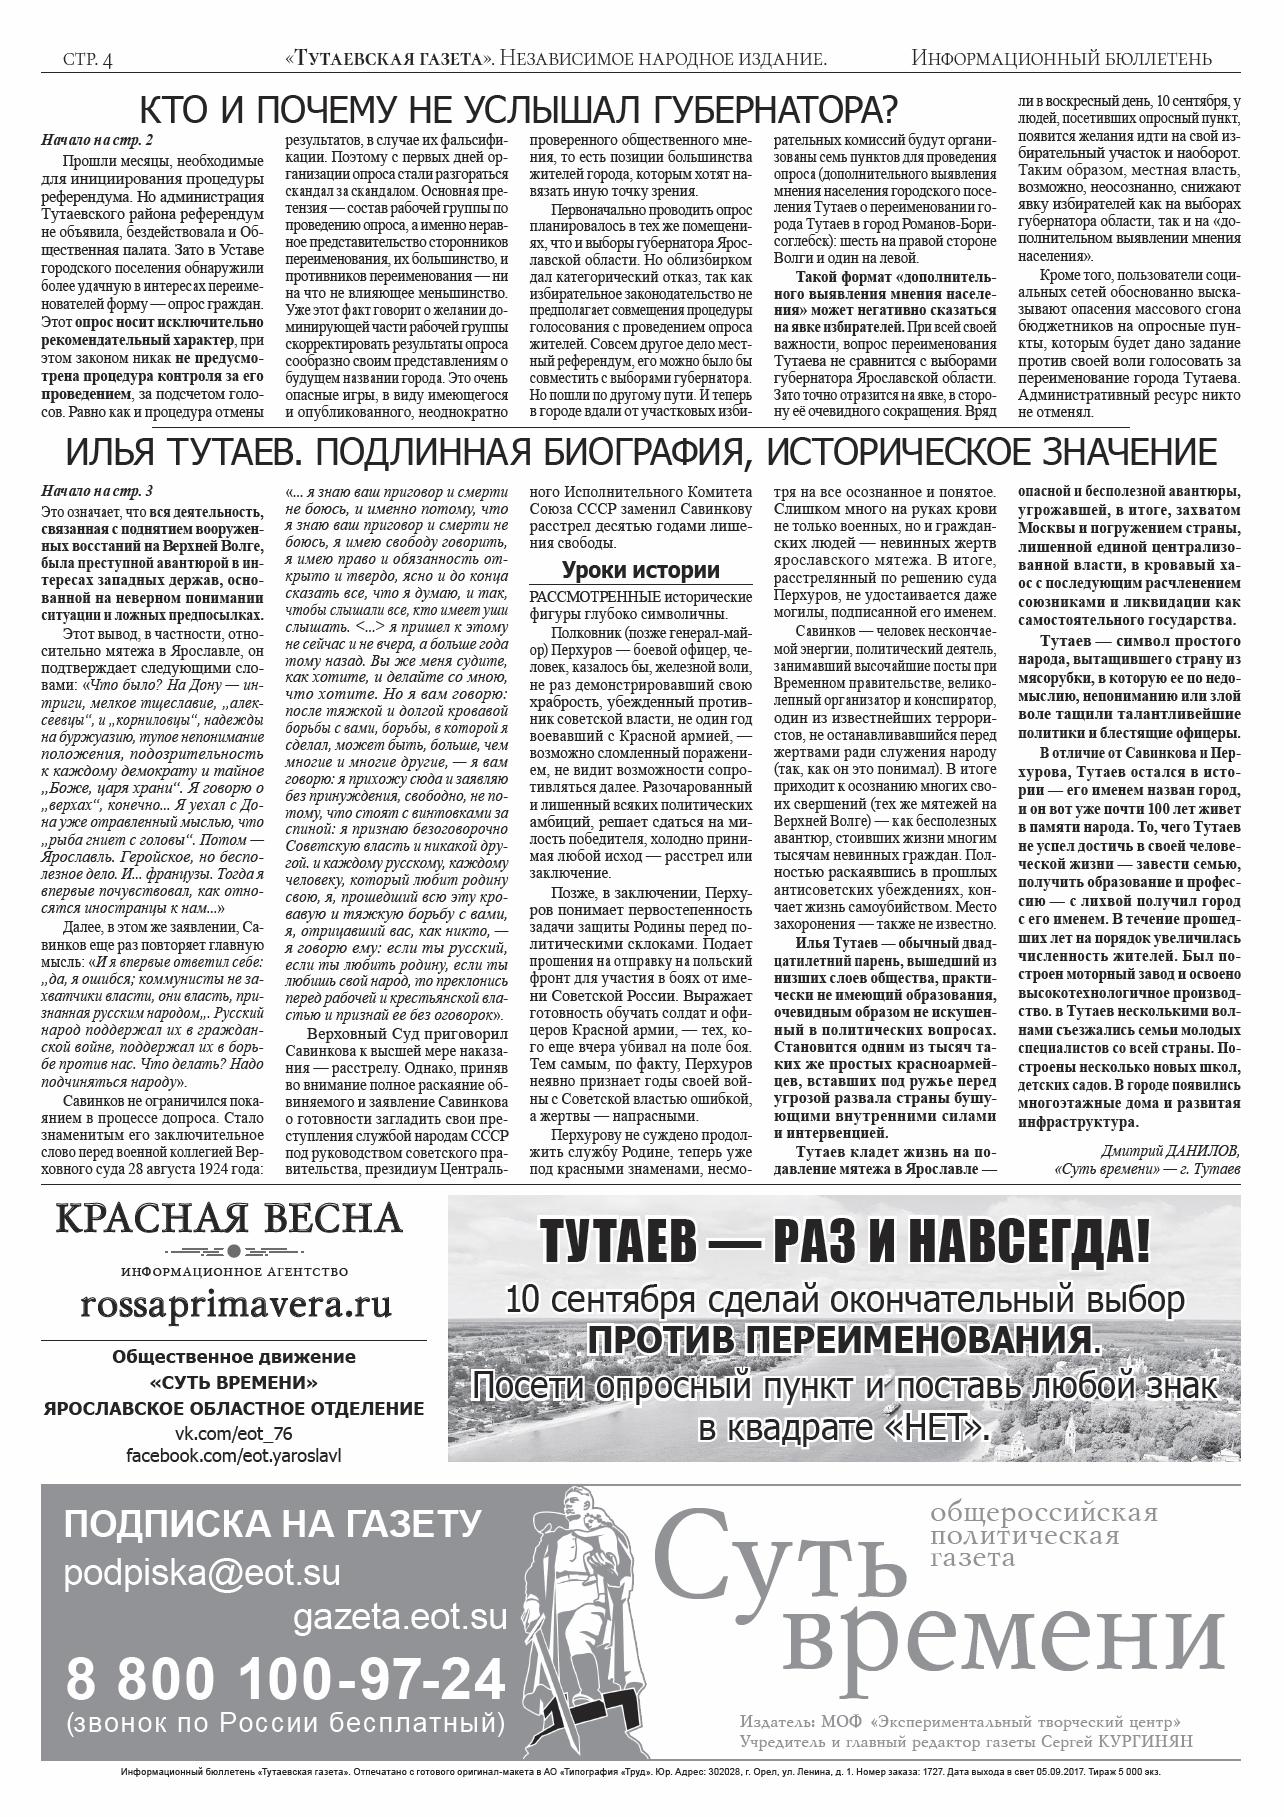 07.09.2017 Сегодня многие горожане Тутаева смогли прочитать специальный выпуск газеты